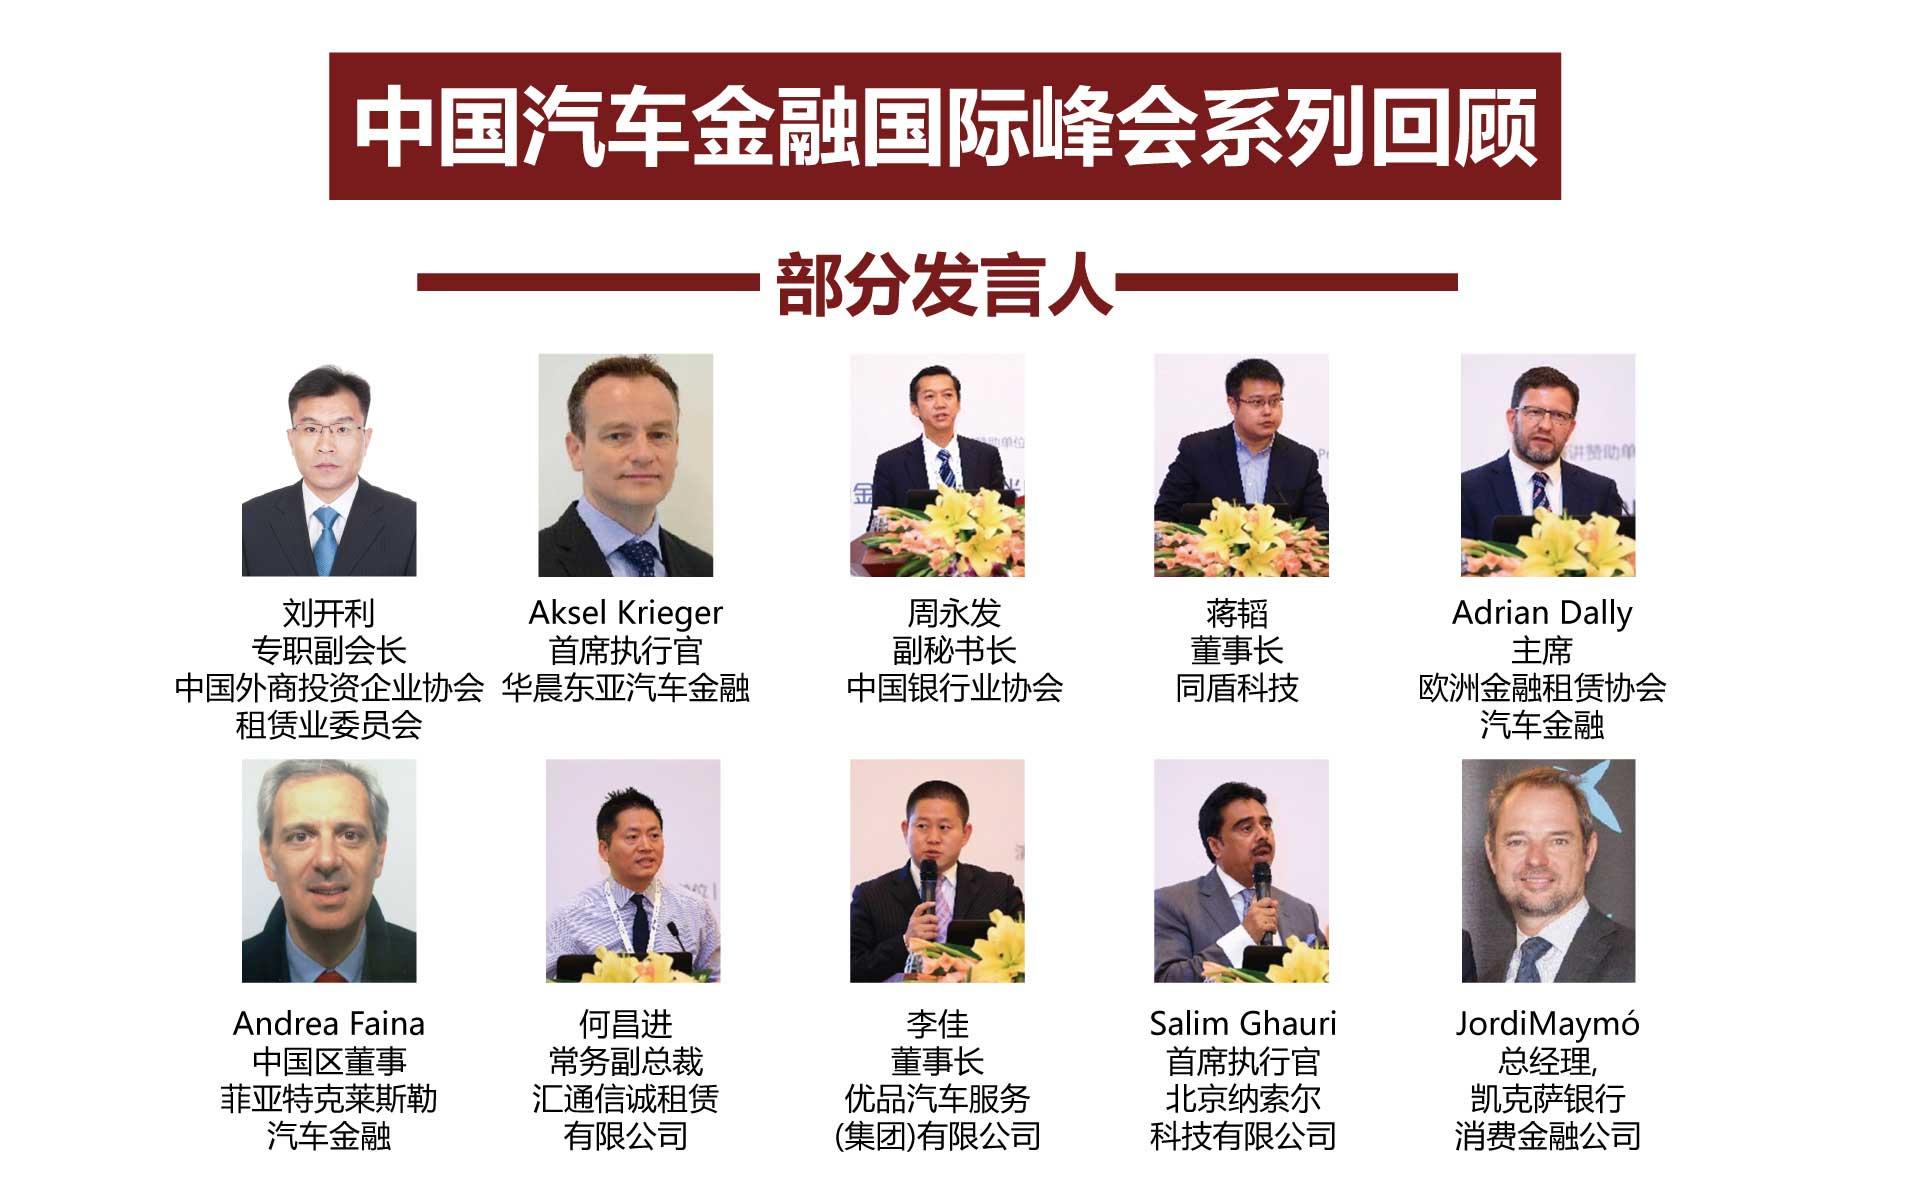 亚太融资租赁业创新与合作峰会2017